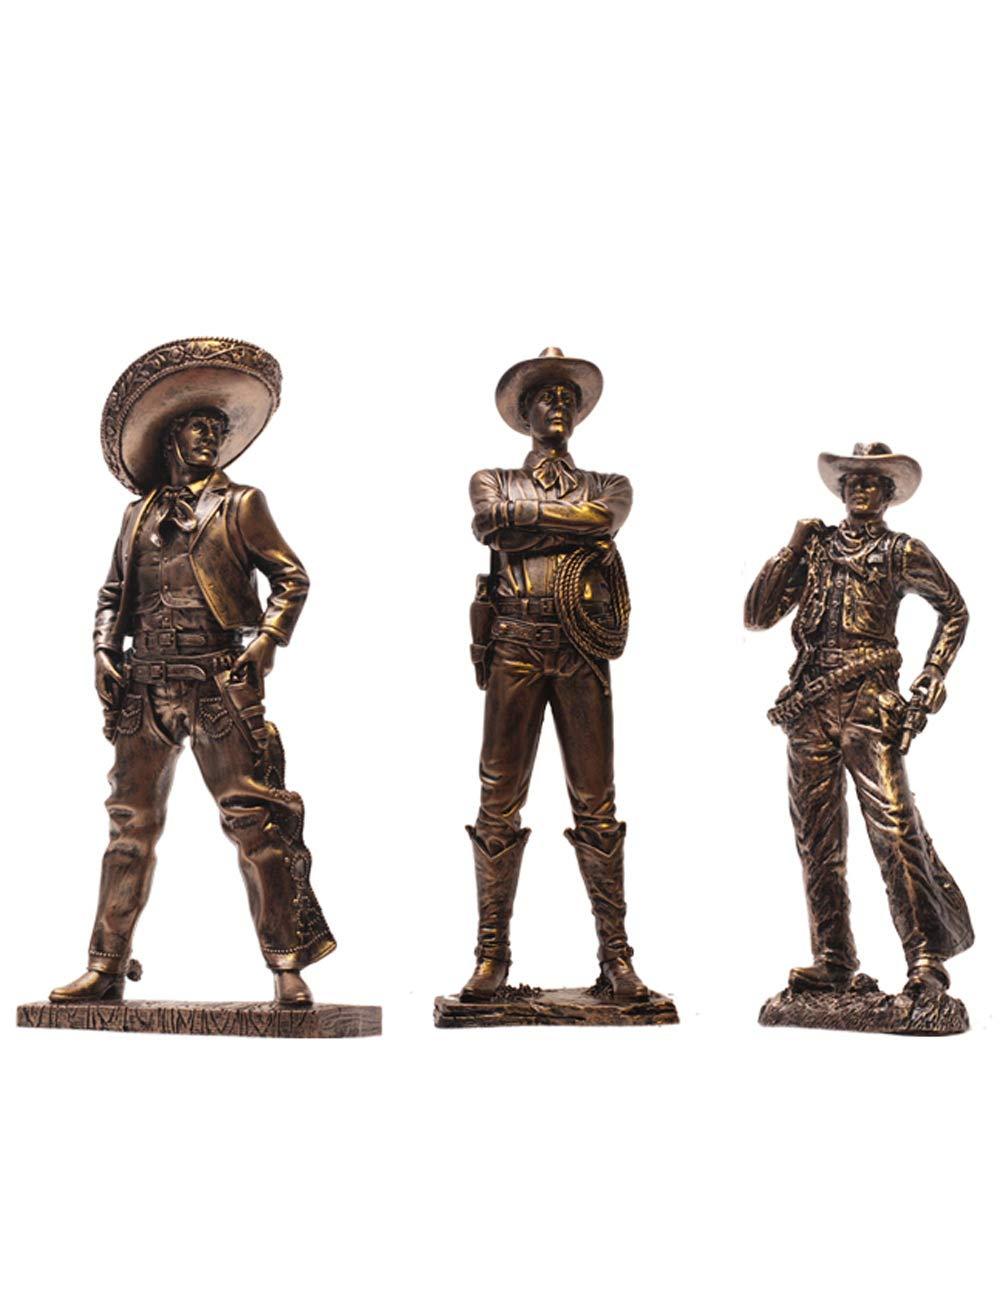 装飾品、樹脂素材のアートワーク、ヨーロッパスタイルの装飾、創造的な西部のカウボーイキャラクターの彫刻工芸品   B07K18W3X2